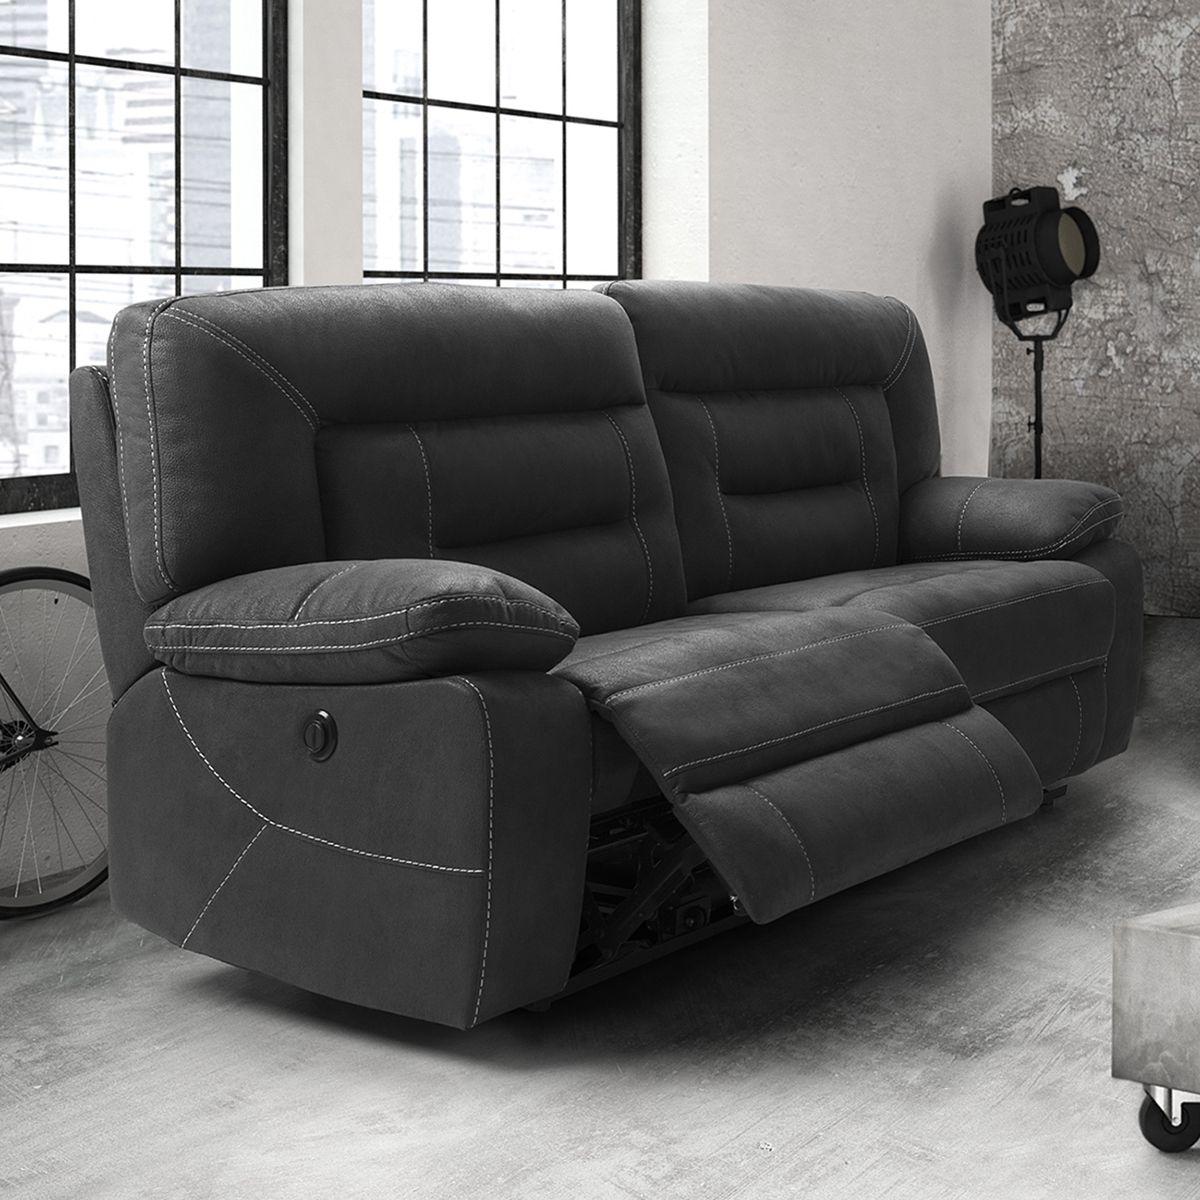 details sur altobuy almeria canape relax electrique 3 places gris fonce neuf